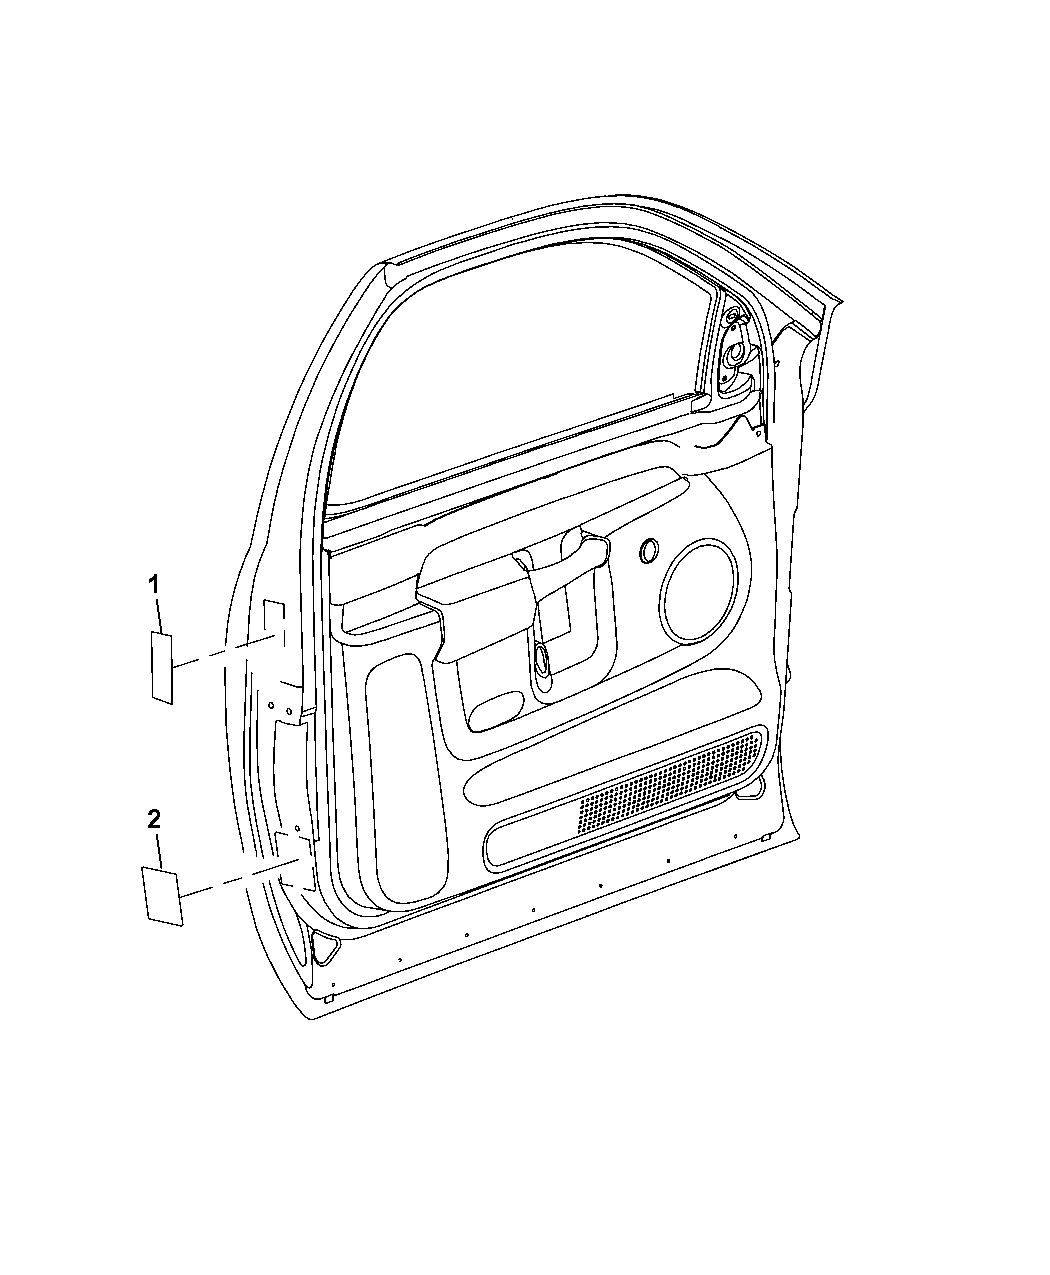 2010 Dodge Ram 1500 Front Door Of Labels